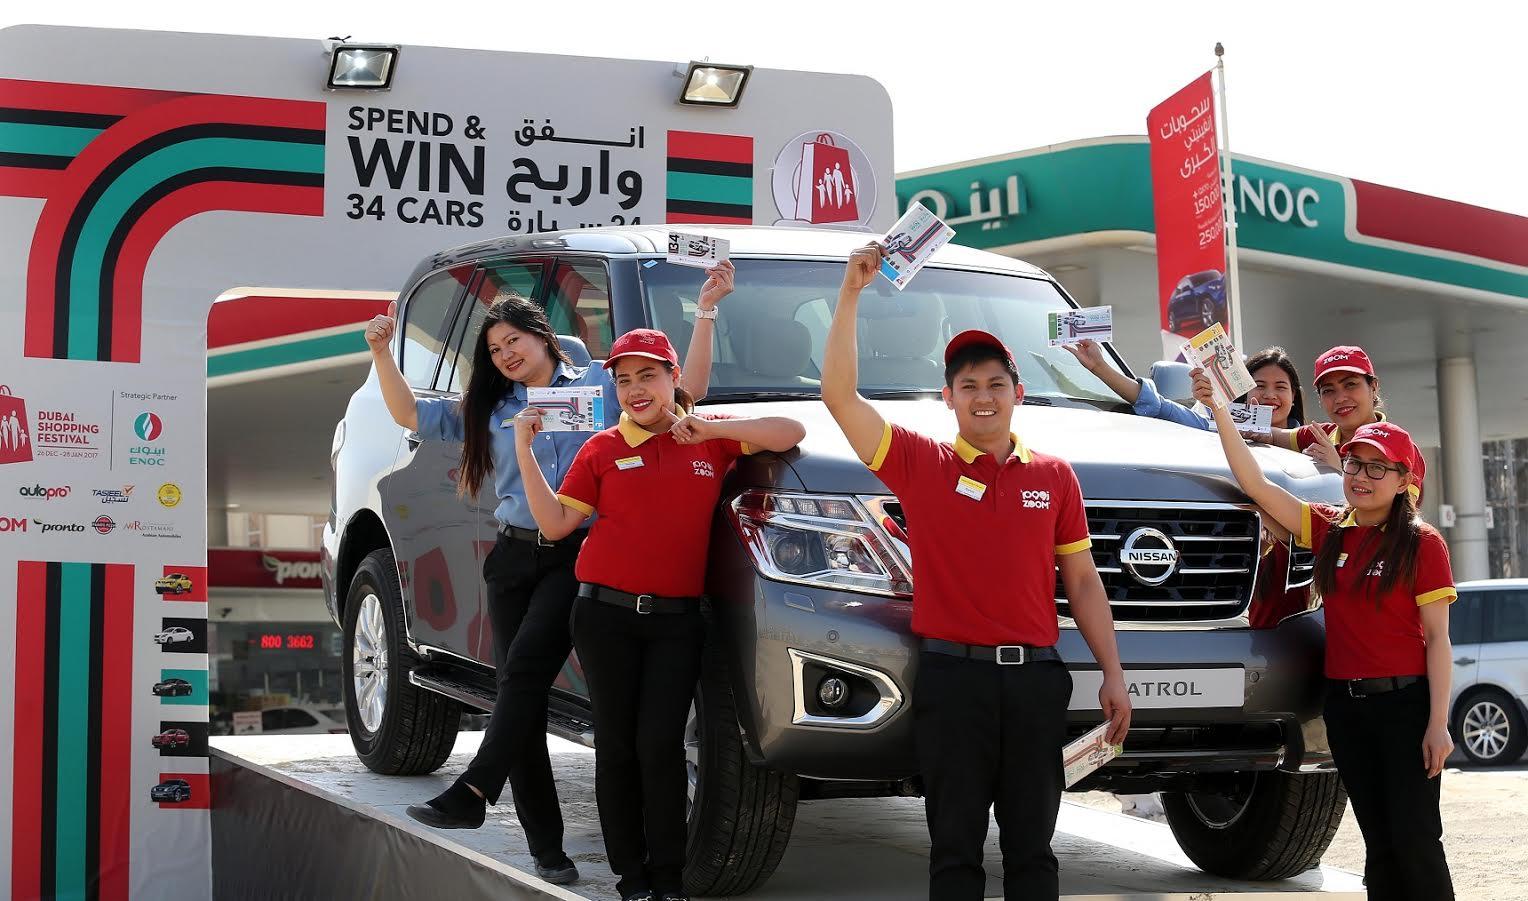 صورة تعرف على سحوبات إينوك وابيكو في مهرجان دبي للتسوق